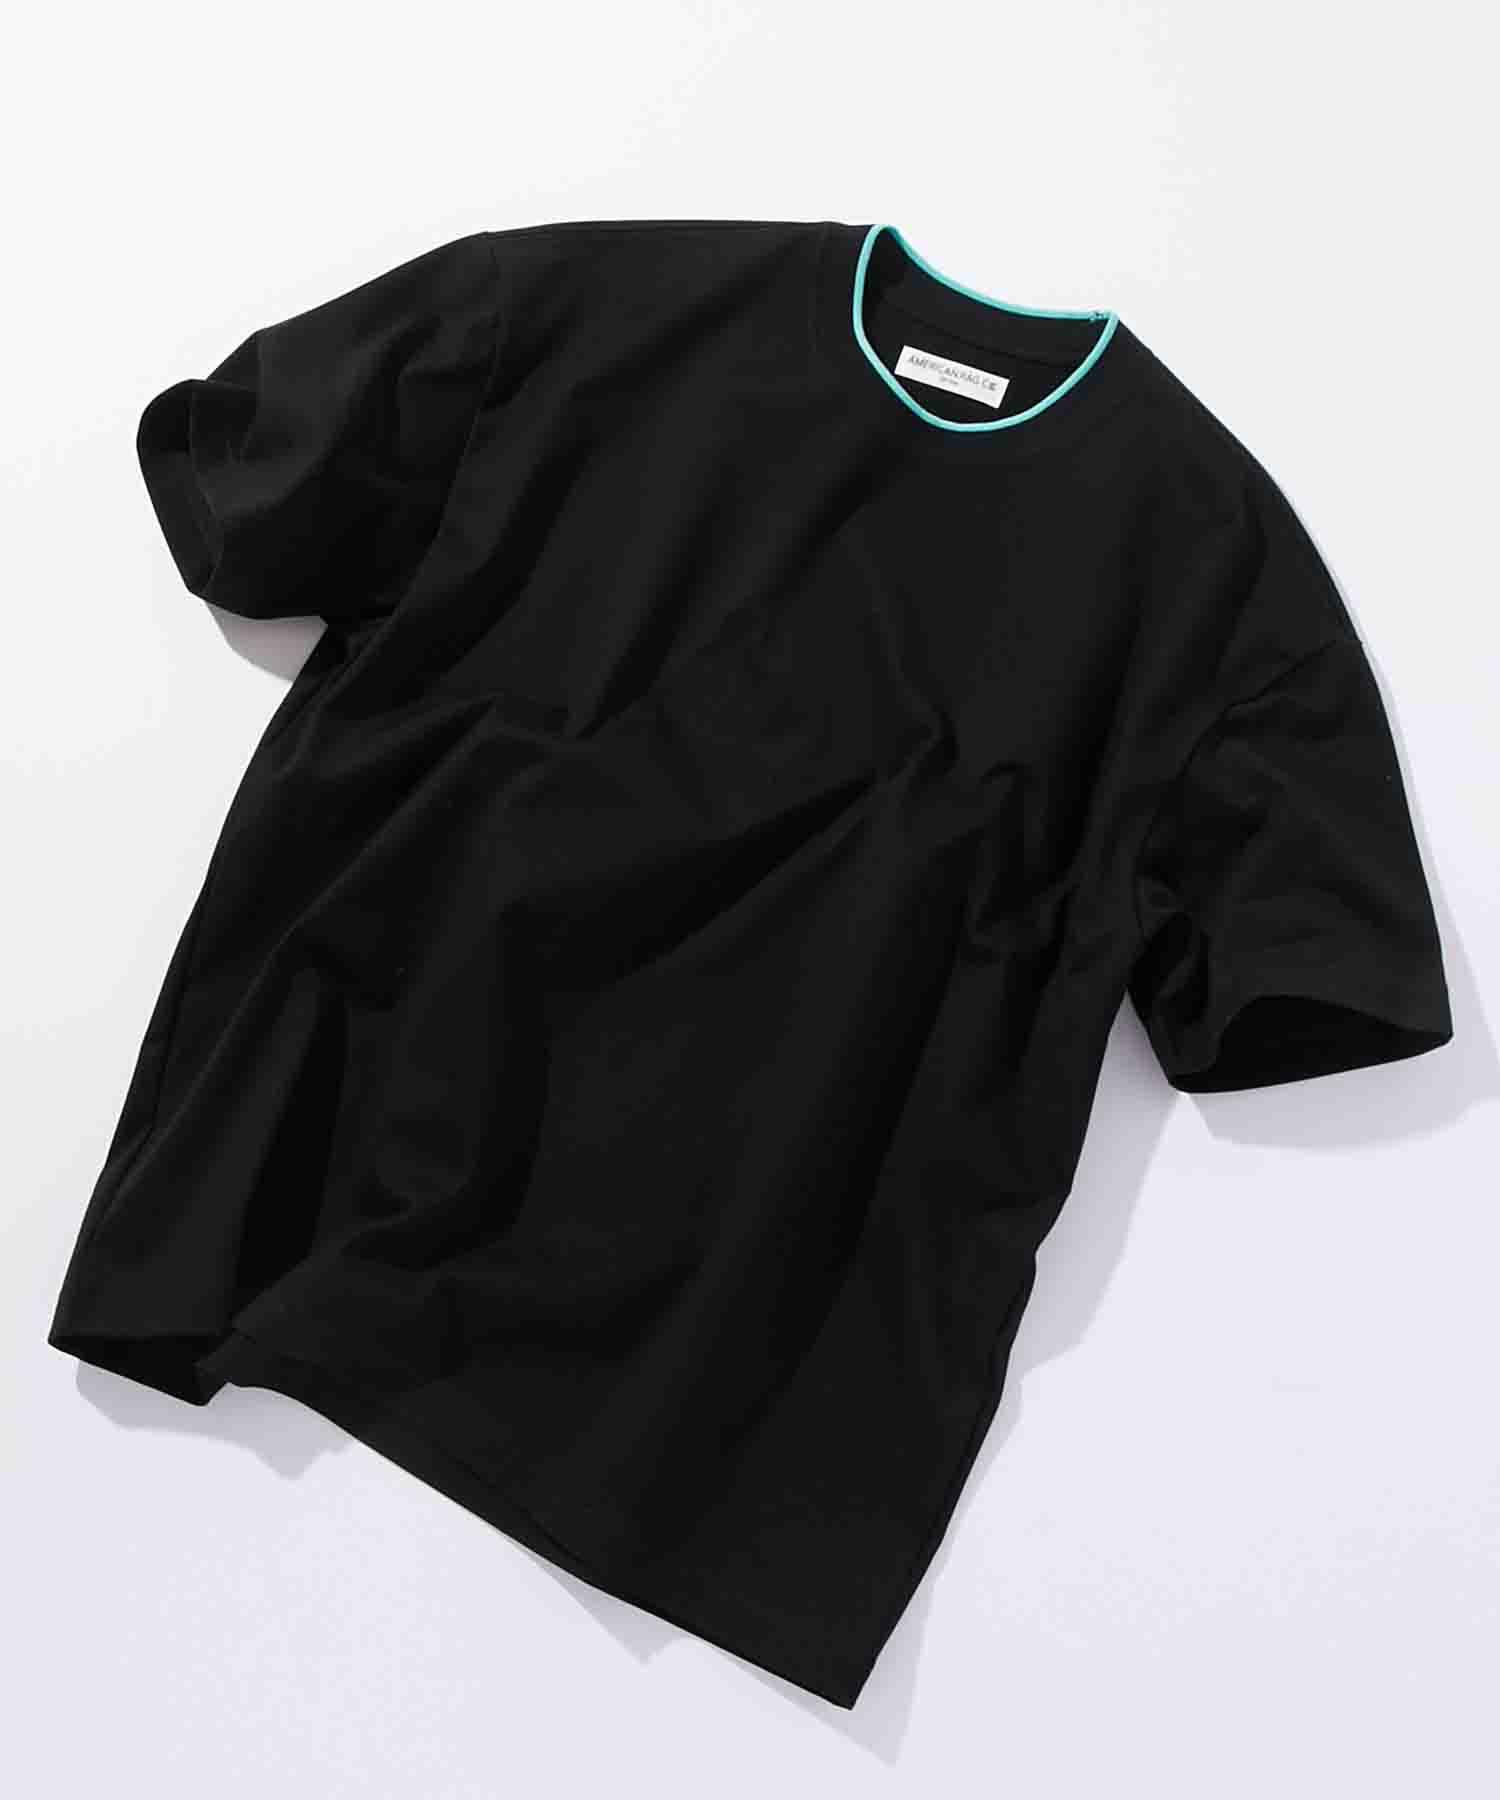 アメリカンラグシー AMERICAN RAG CIE / ラインリブTシャツ Lined Rib T-shirt